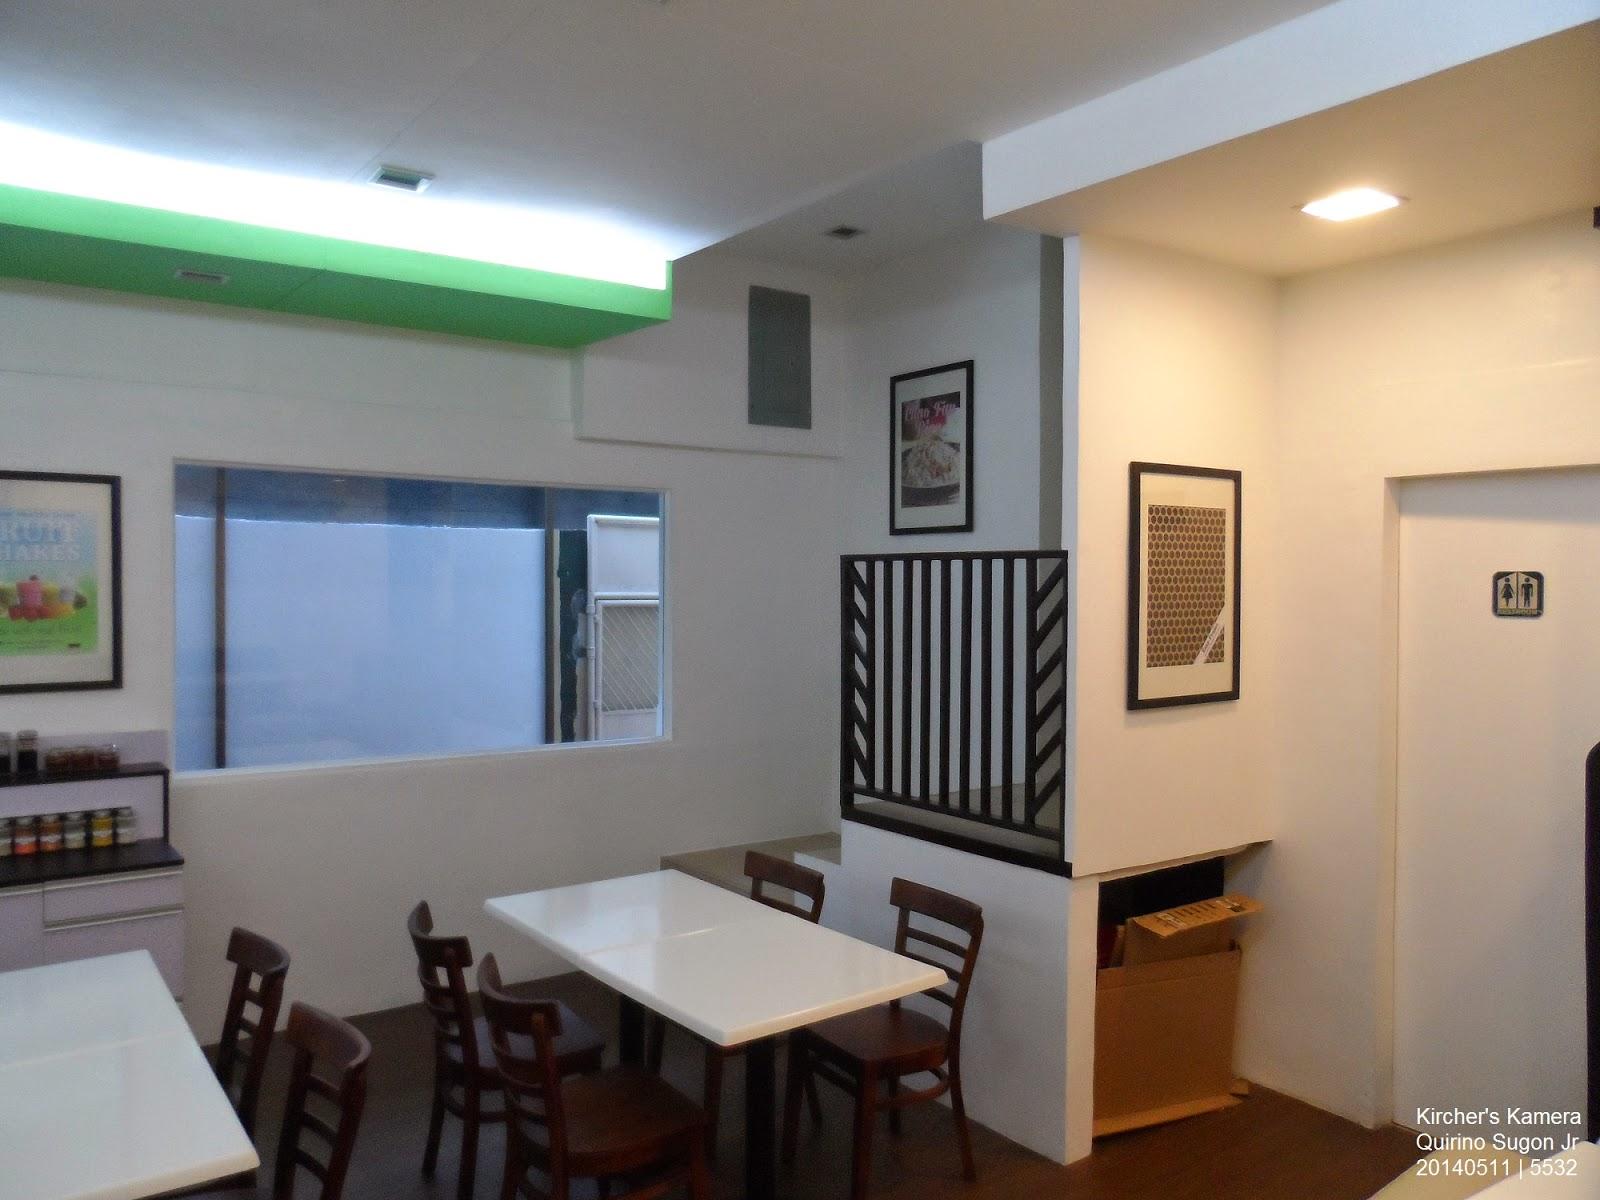 Ersao's interior design